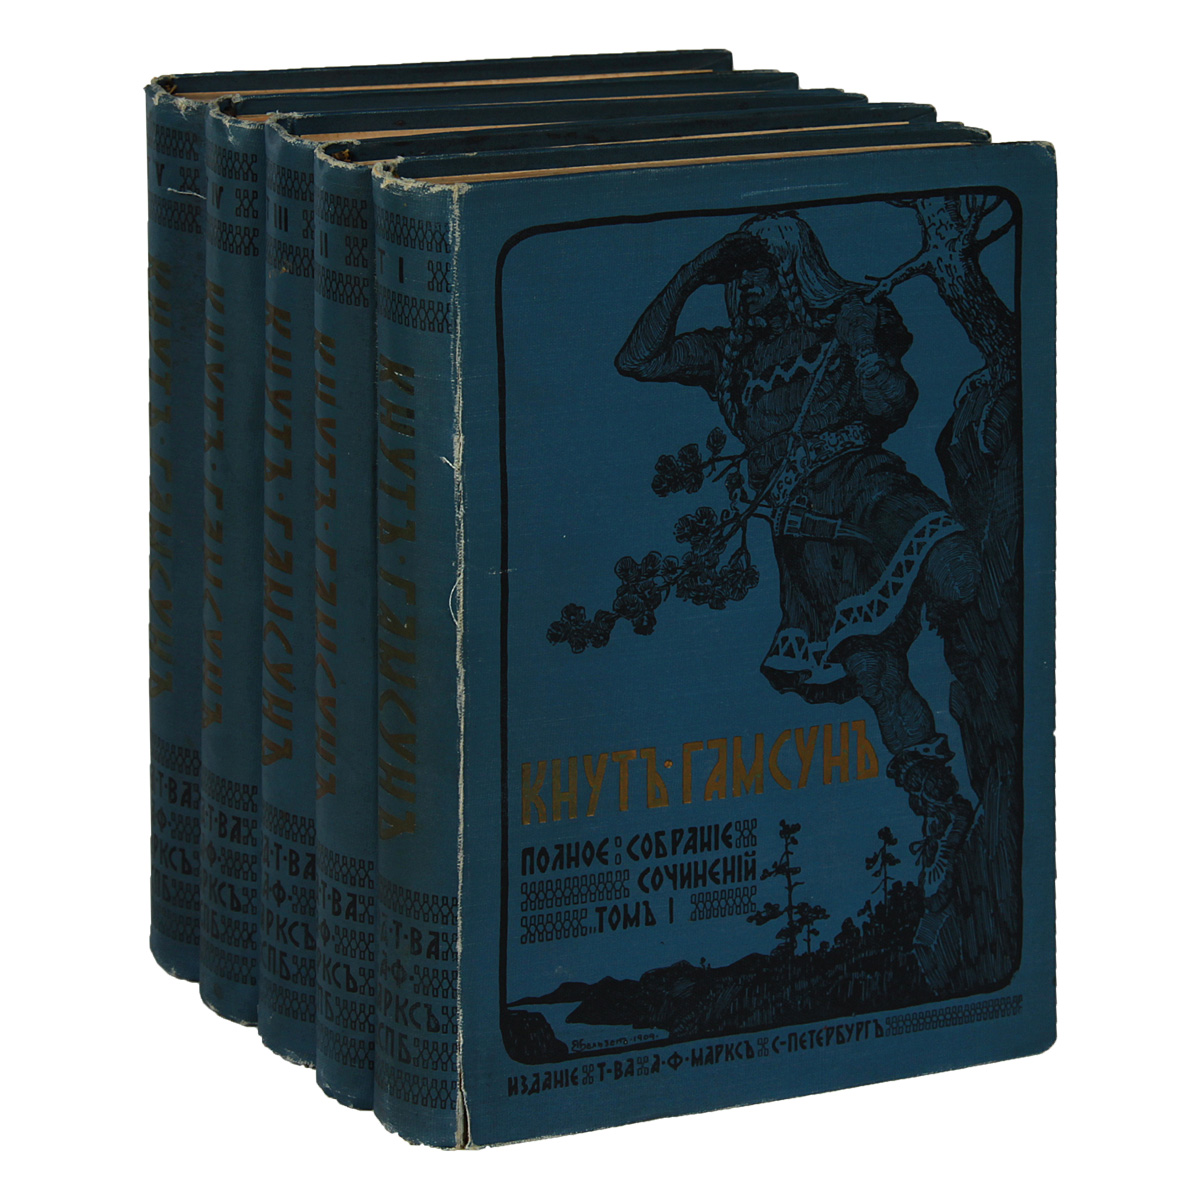 Кнут Гамсун. Полное собрание сочинений в 5 томах (комплект из 5 книг) антикв полное собрание сочинений кнута гамсуна в 5 томах